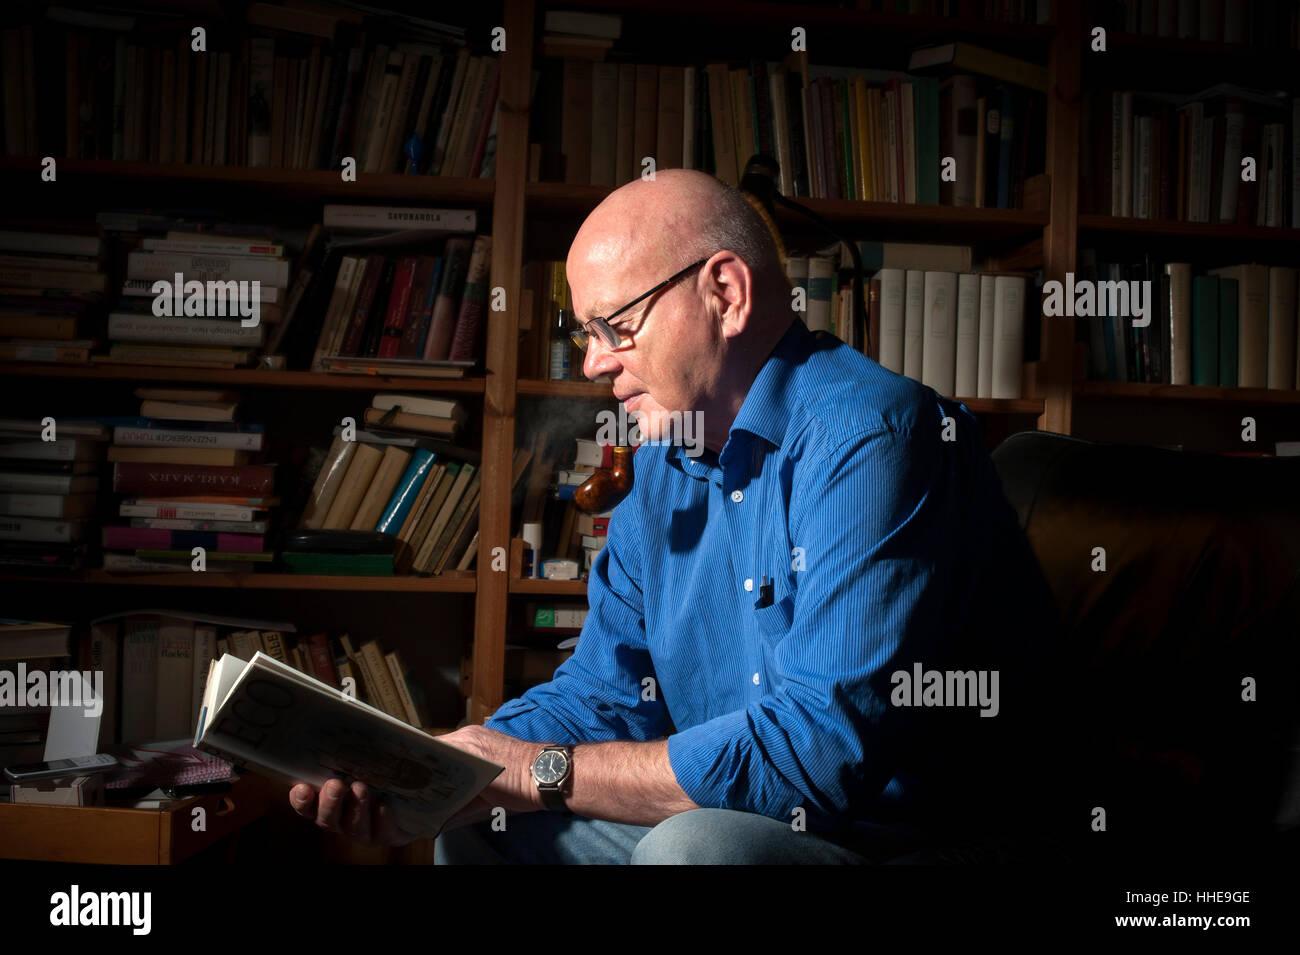 Ein Rentner in seinem Arbeitszimmer zu Hause lesen. Stockbild